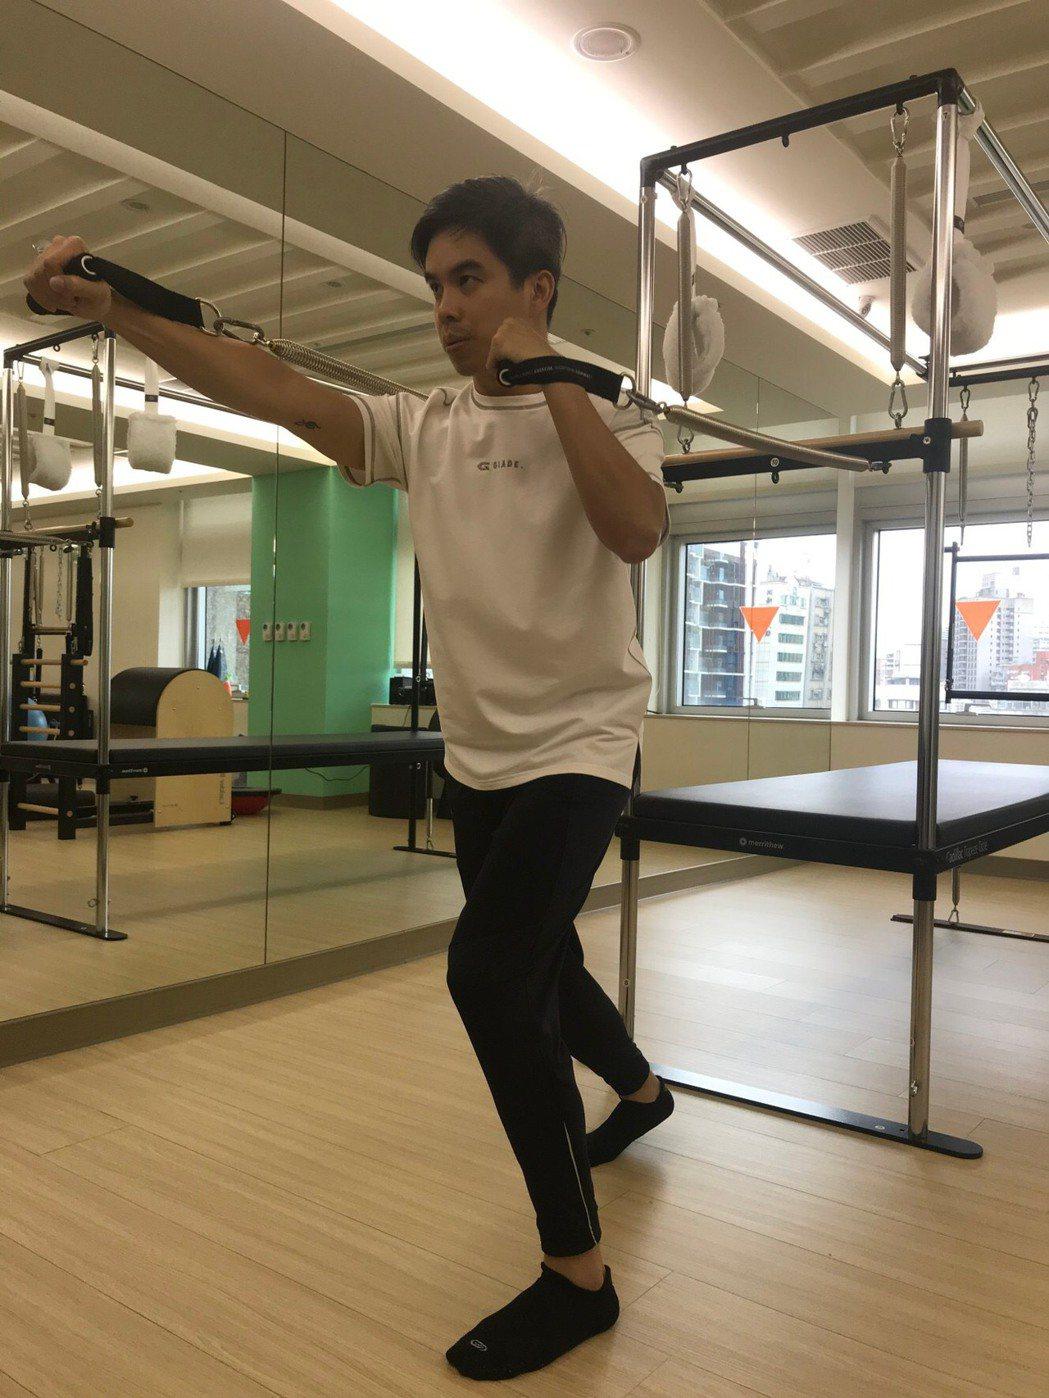 吐氣、吸氣,20歲男性運動應著重呼吸頻率,幫助身心平衡。記者陳雨鑫/攝影